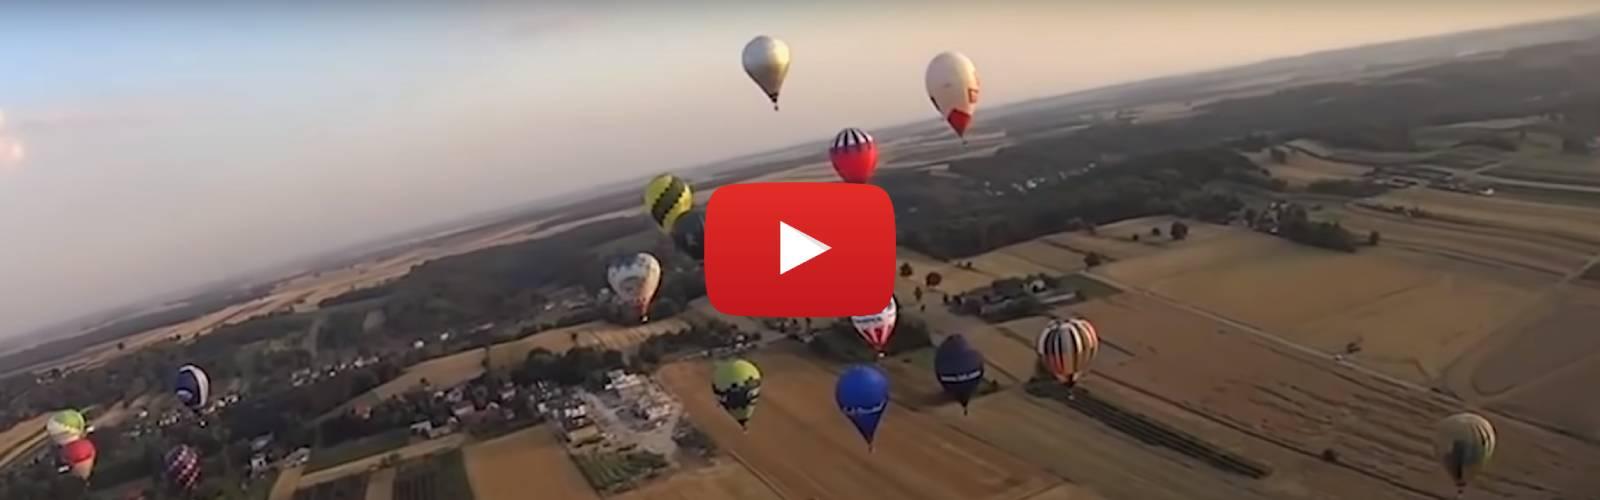 Film Promocyjny Aeroklubu Lubelskiego